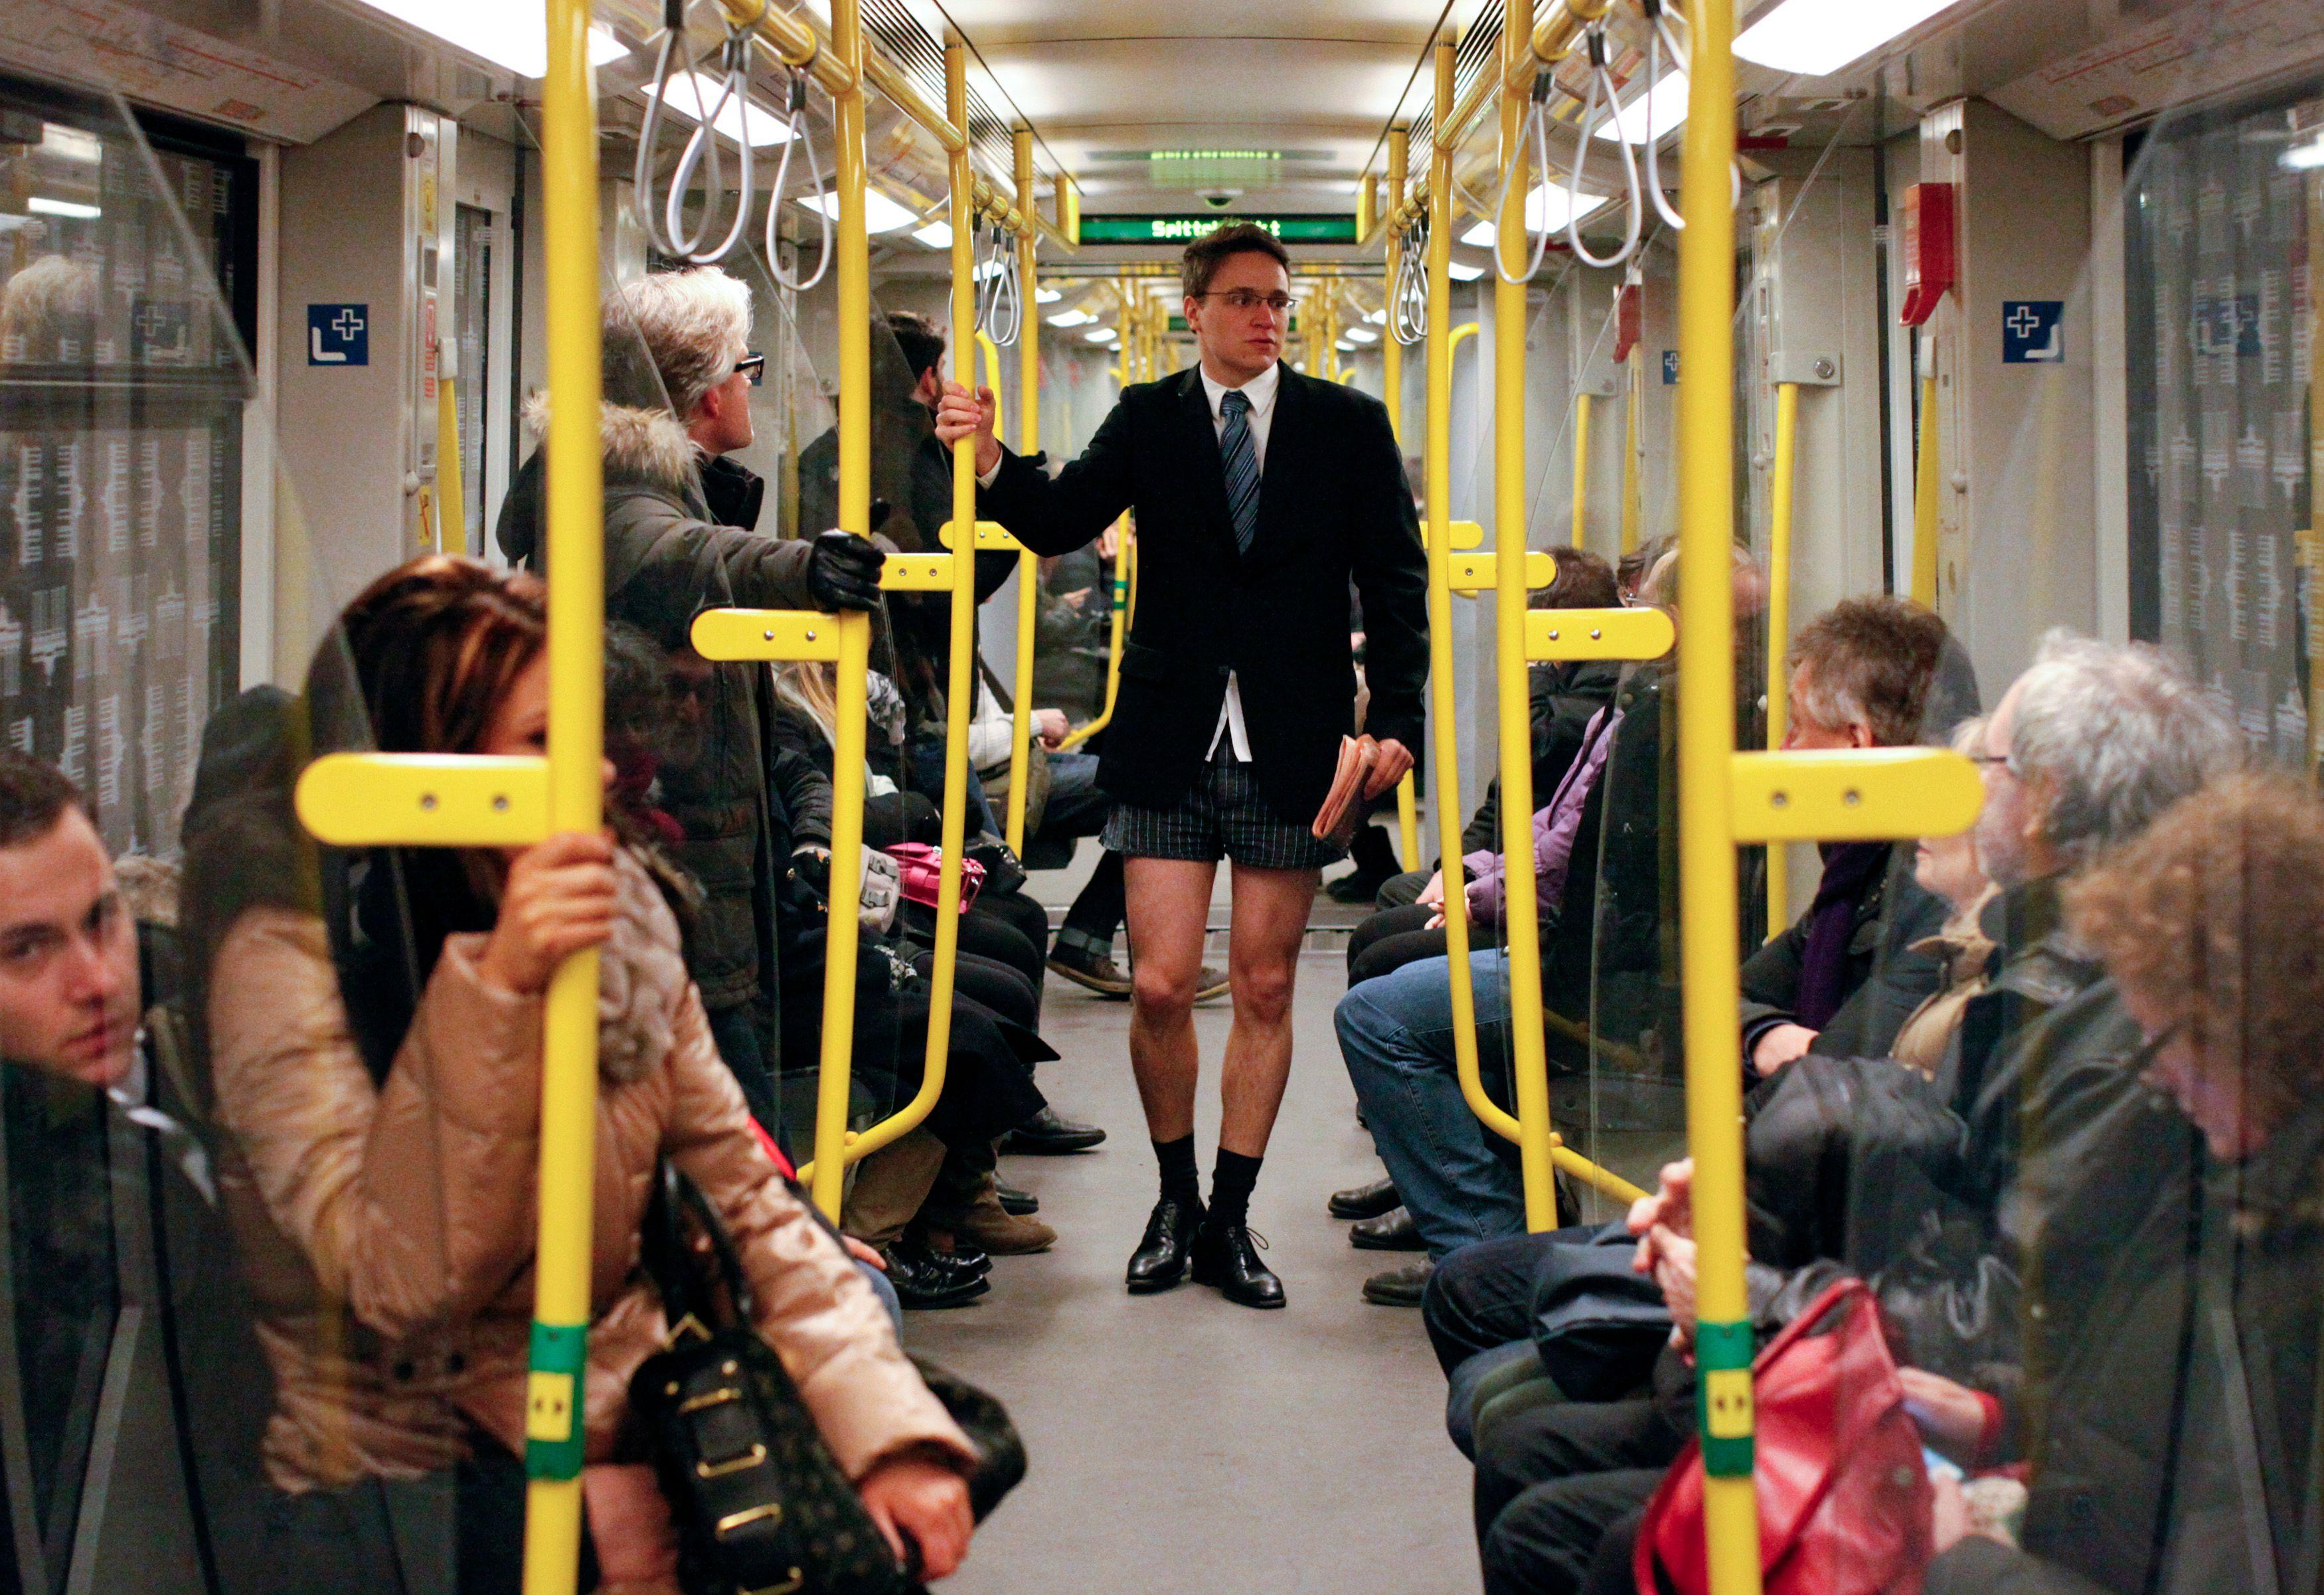 Pas envie de vous faire gifler dans le métro pendant les vacances ? La liste des choses à faire ou pas dans les rames des grandes villes européennes